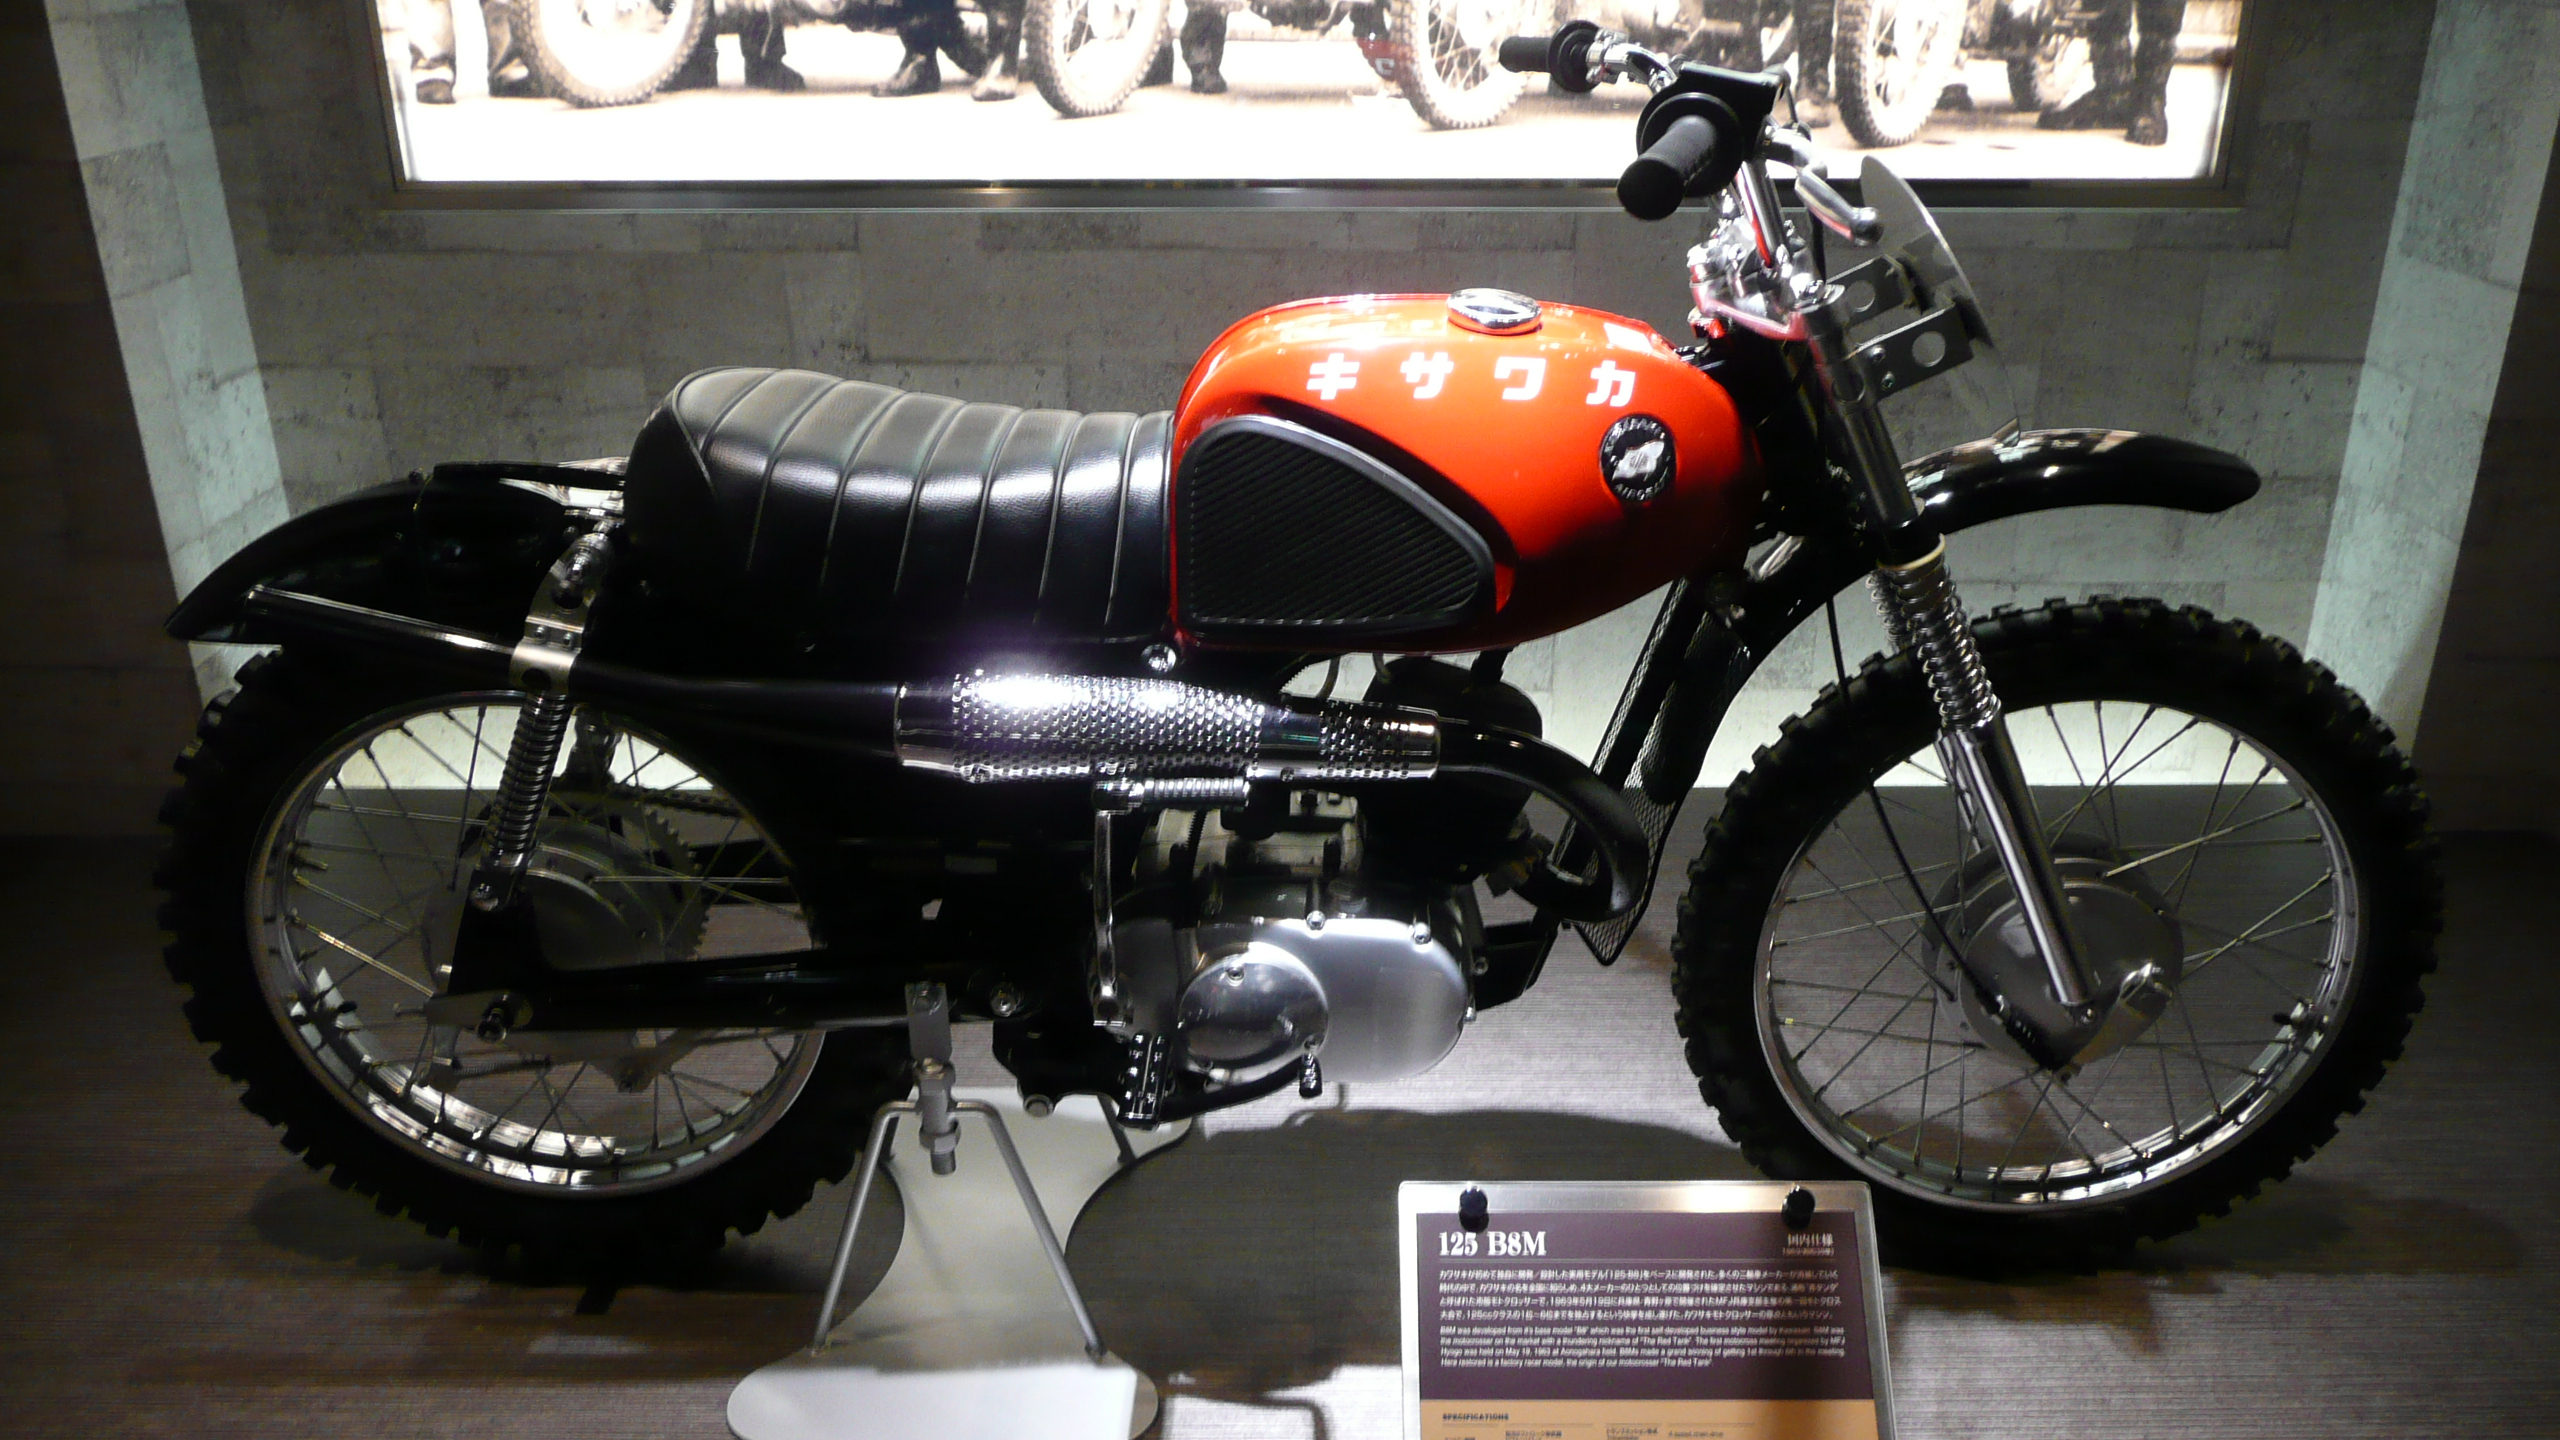 Kawasaki B8M